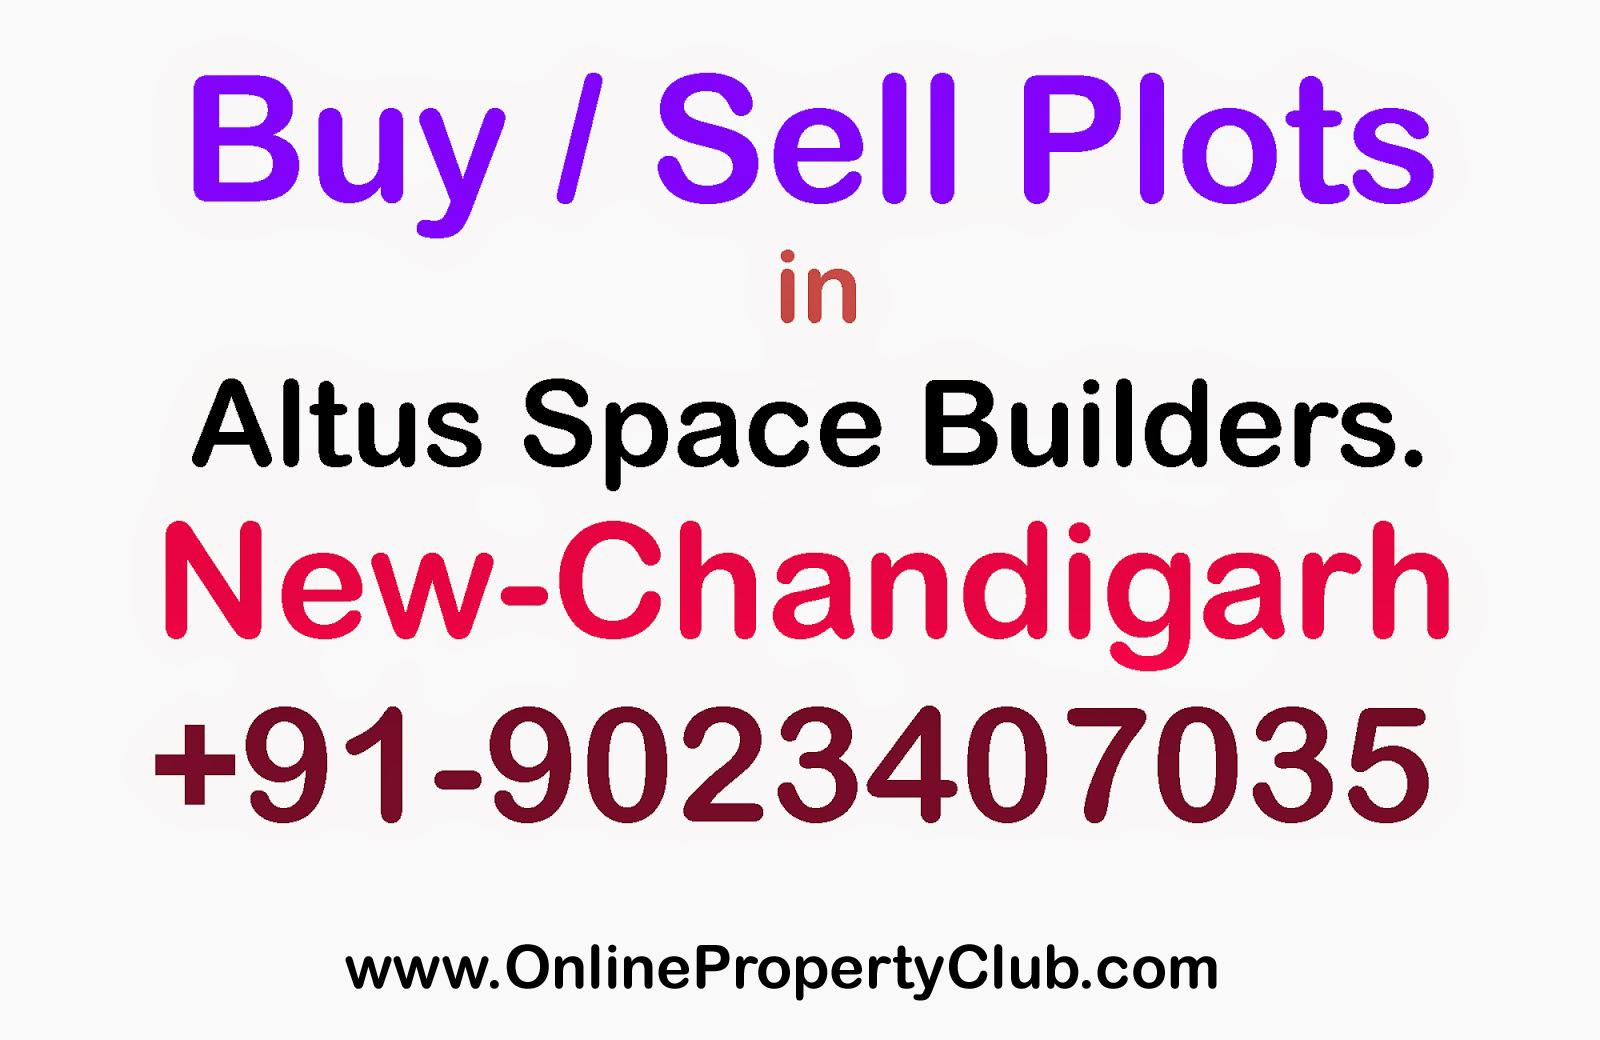 Buy Sell Plots in Altus Space Builders